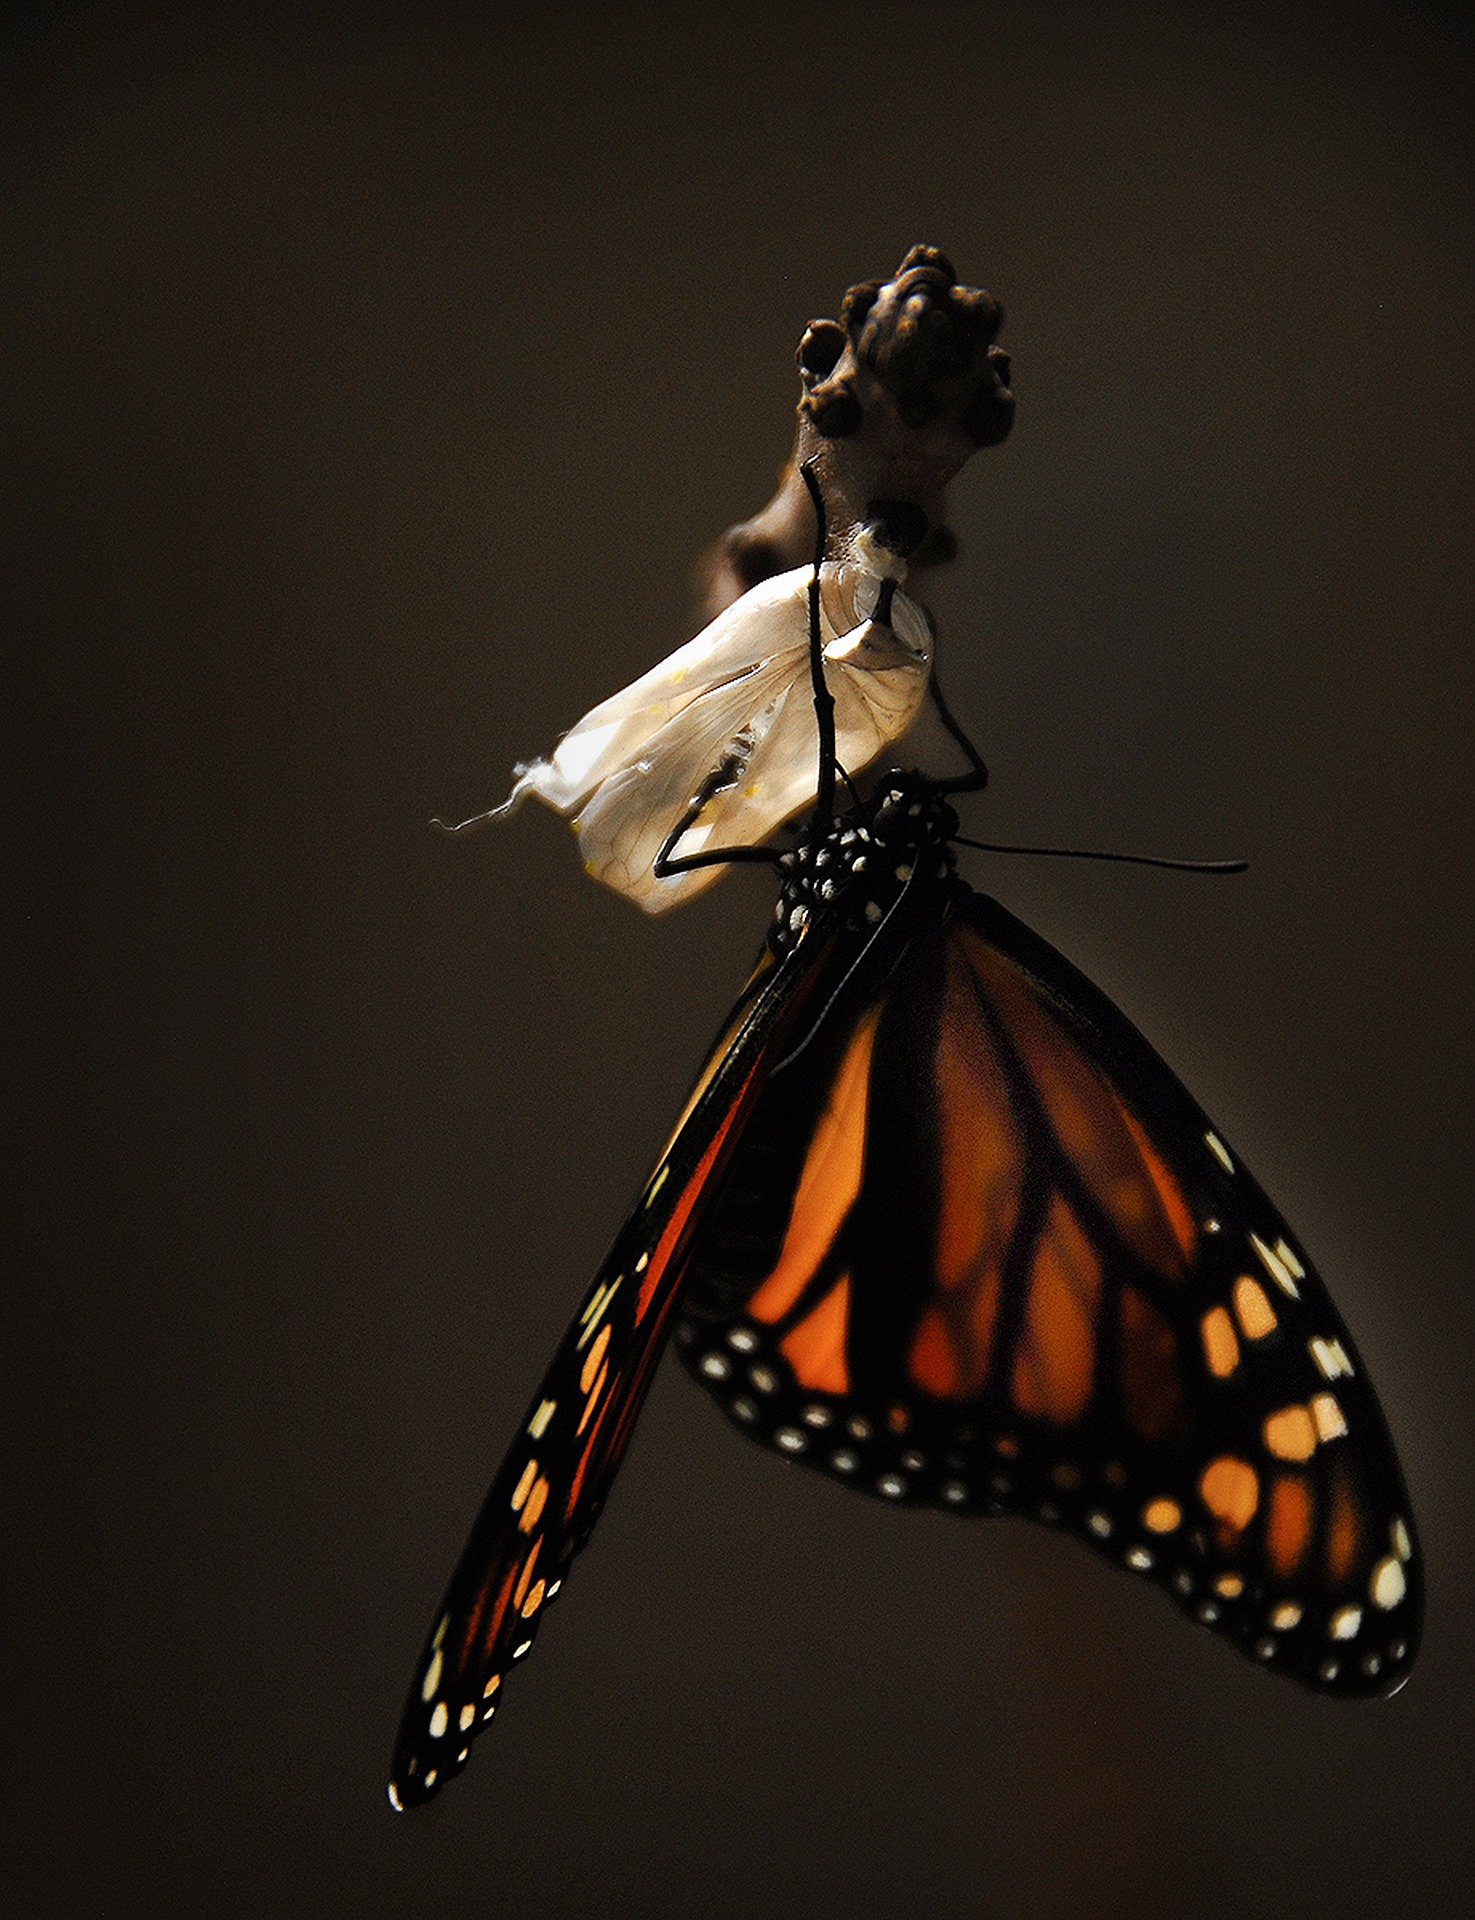 butterfly-1518060_1920.jpg